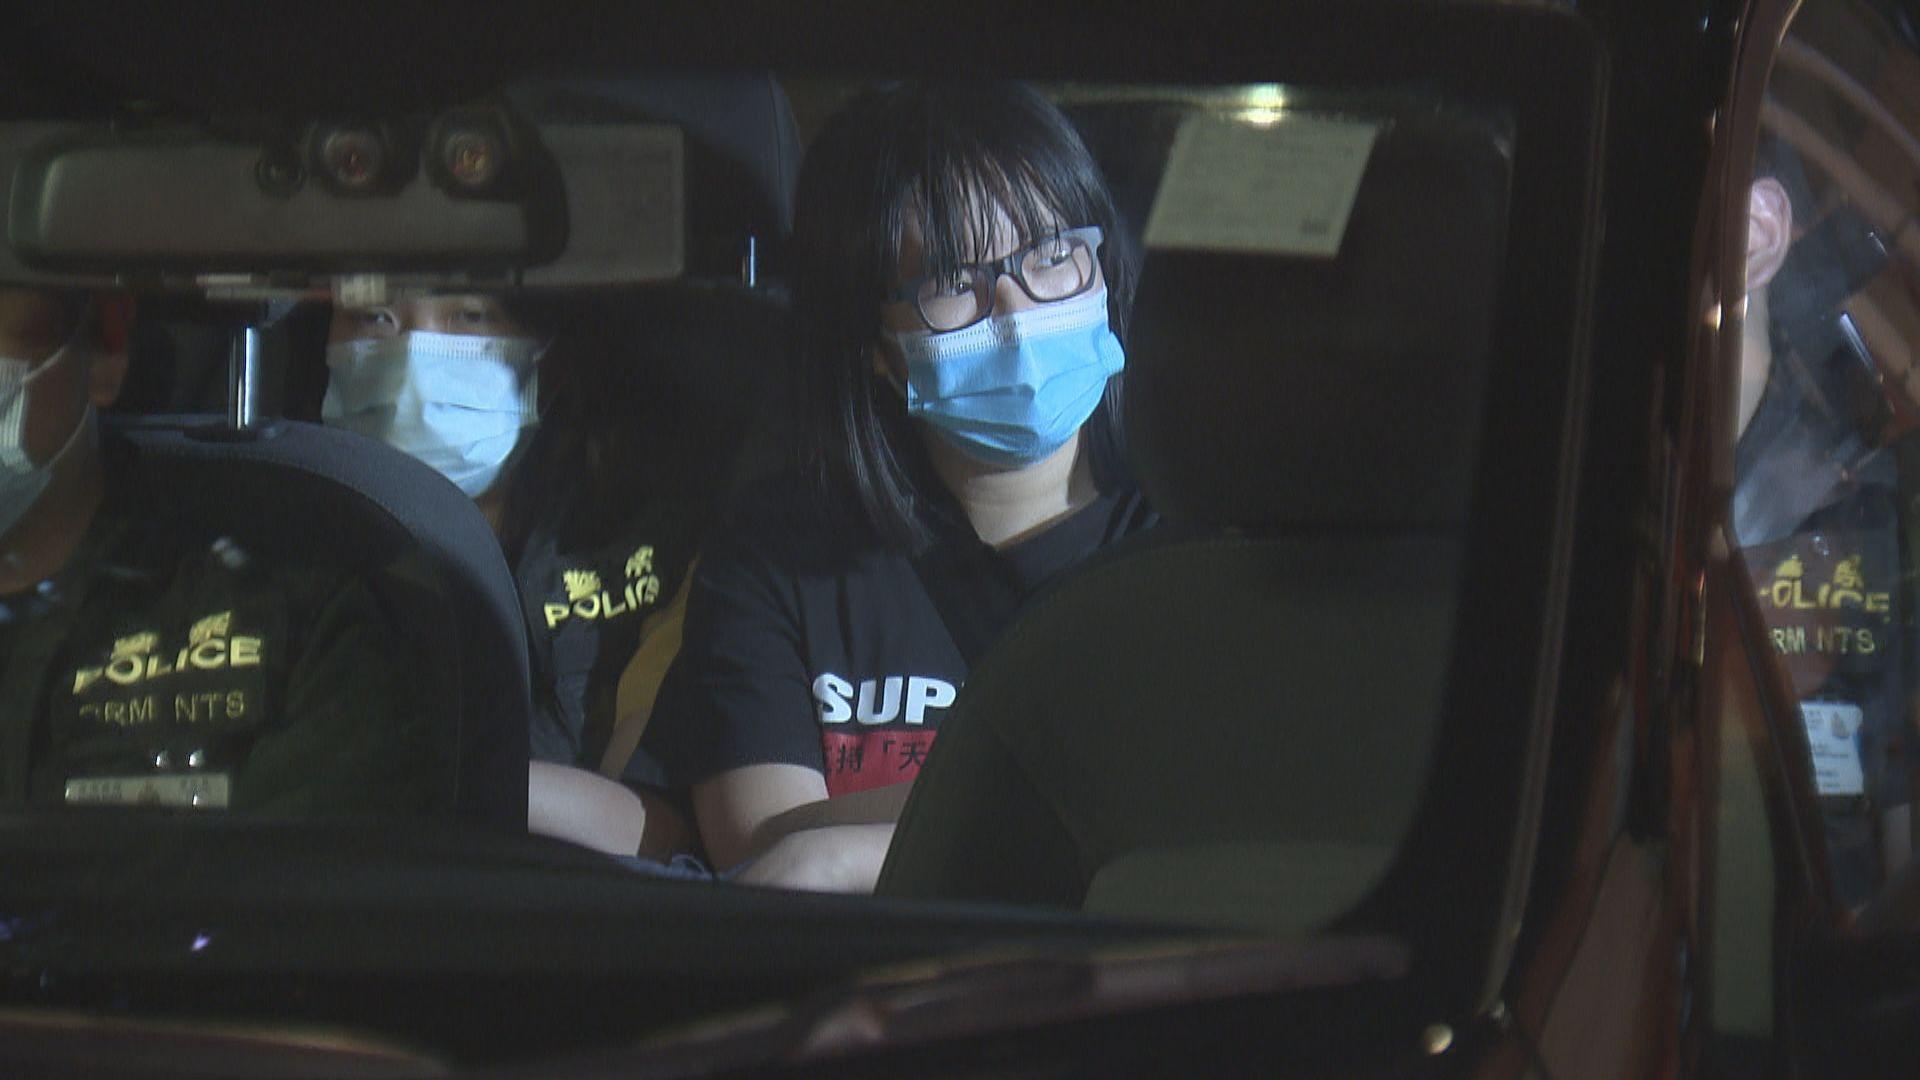 鄒幸彤被控六四煽惑他人參與未經批准集結 周五提堂